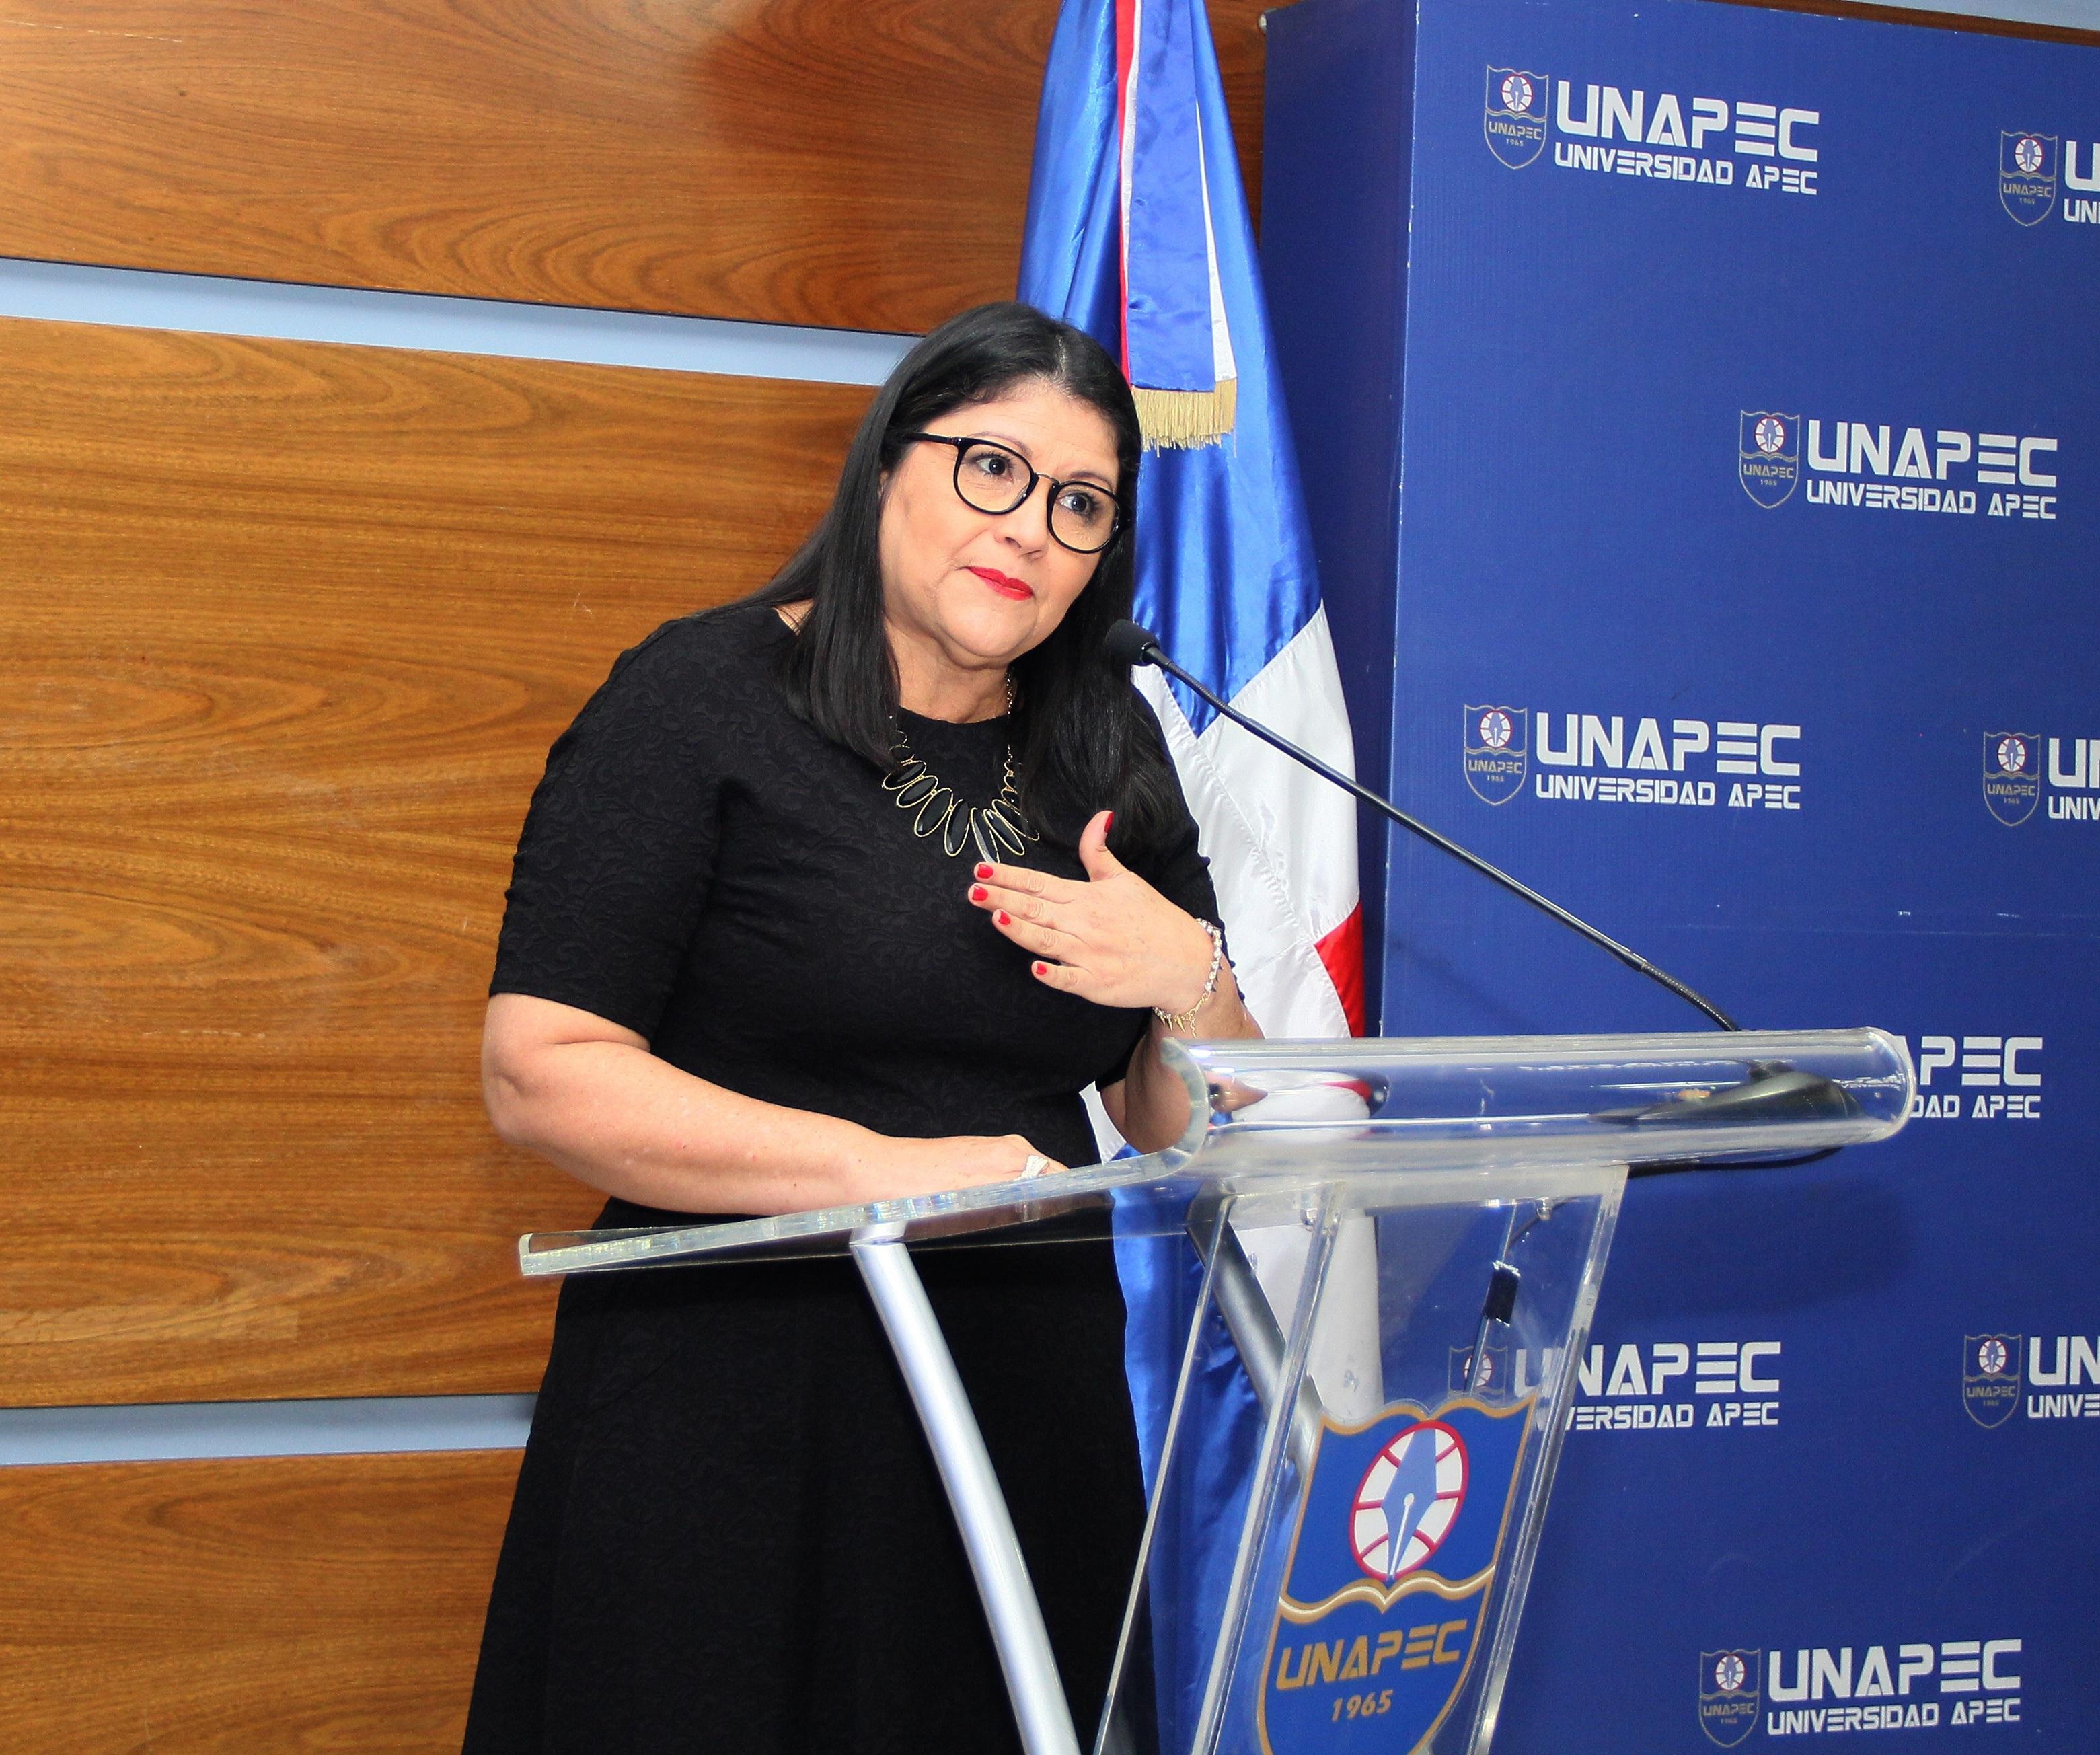 Dra. Yajaira Oviedo Graterol, facilitadora del Diplomado Experto en Docencia Universitaria.